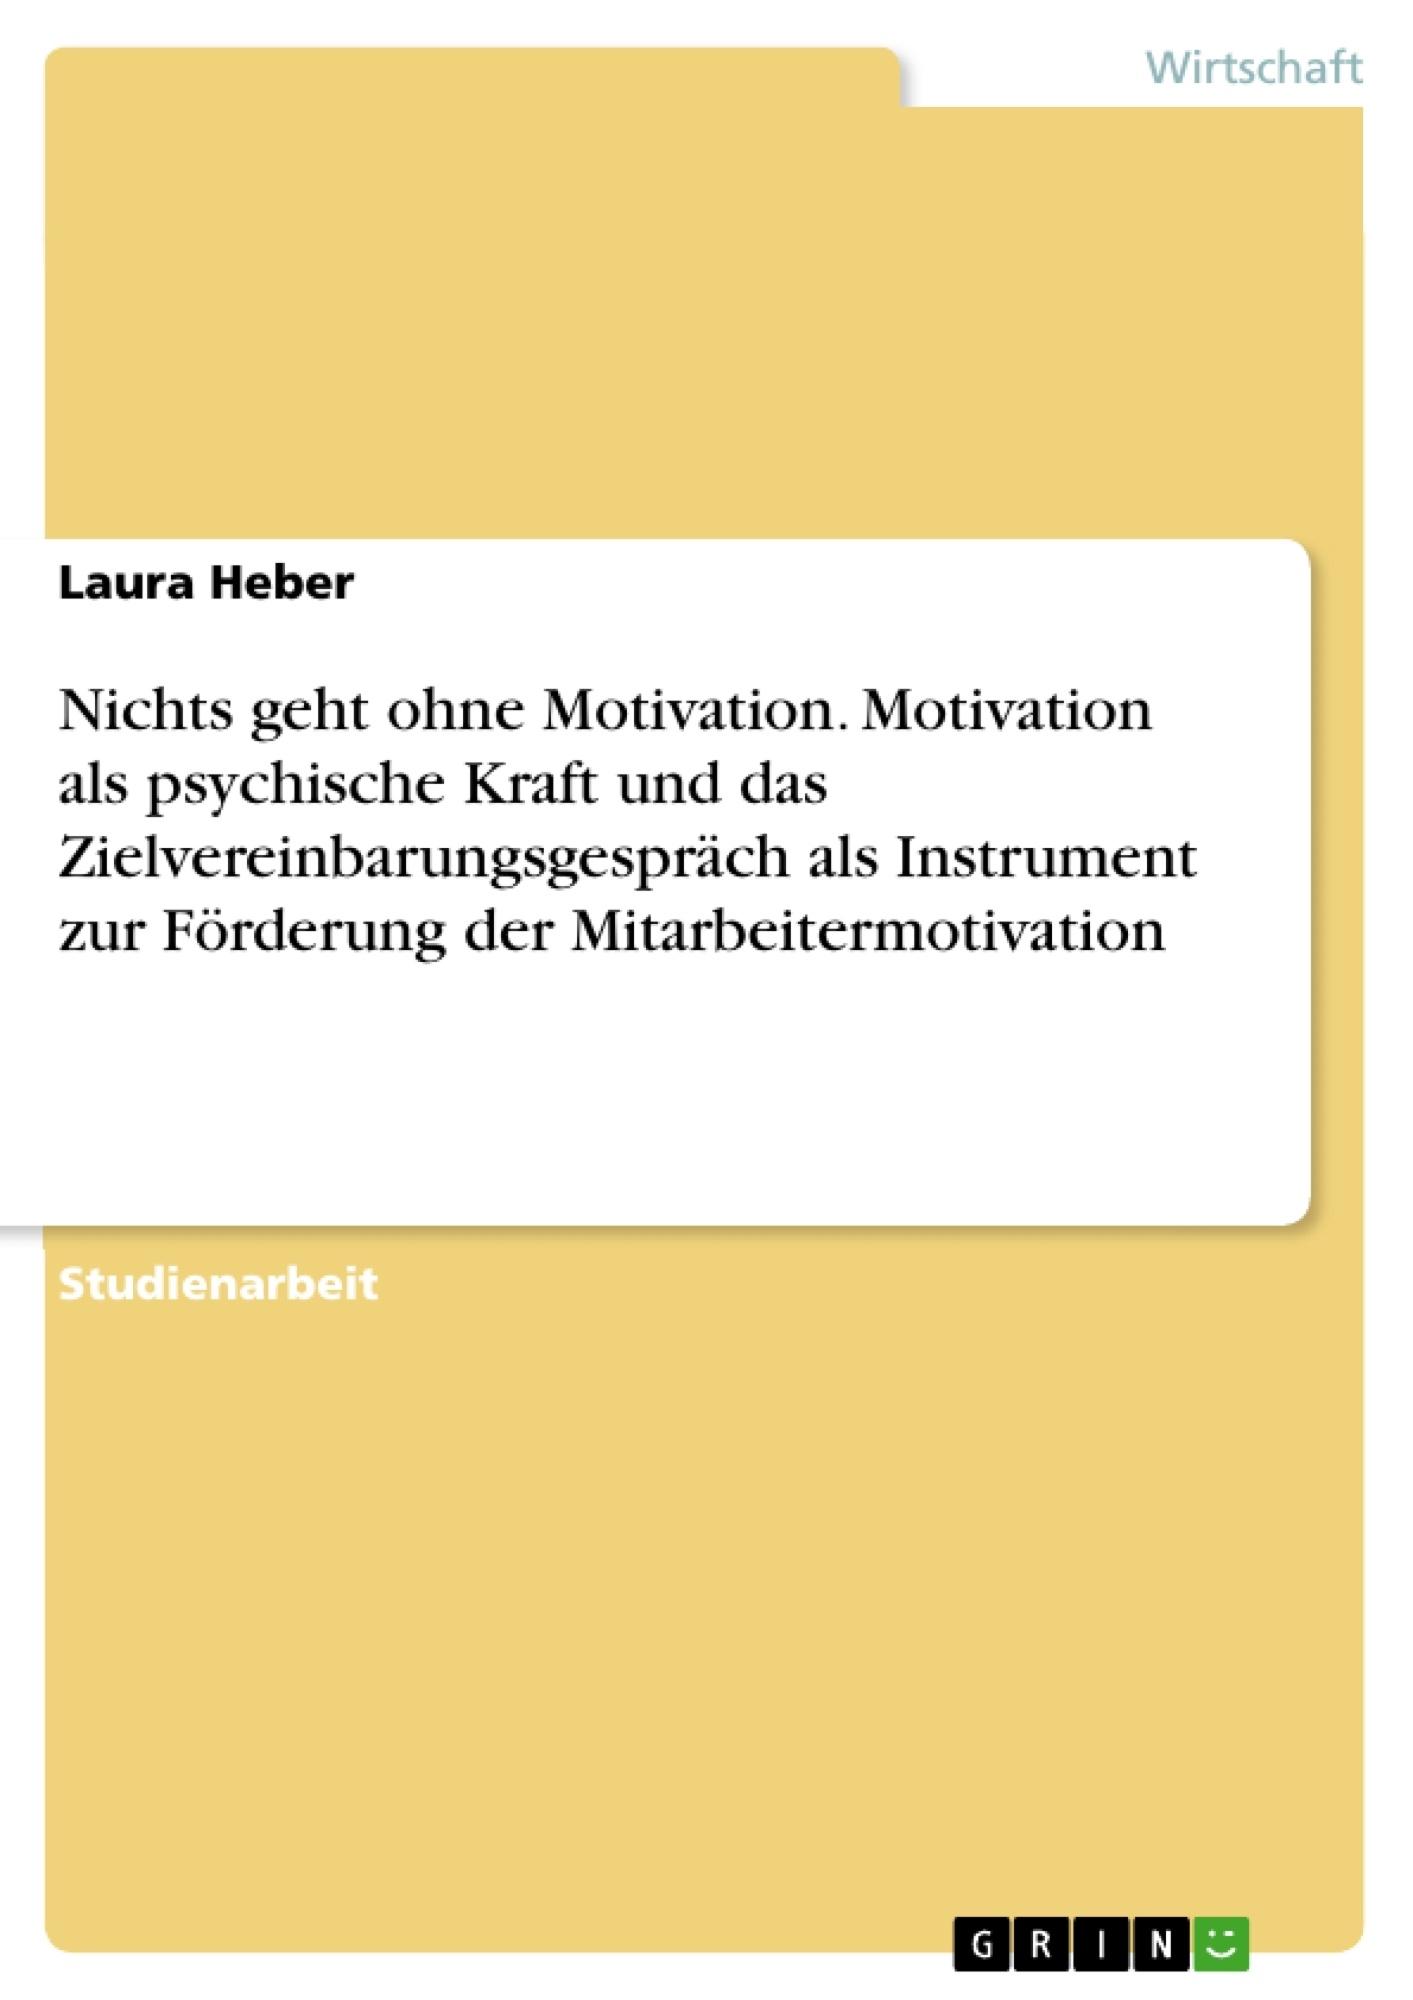 Titel: Nichts geht ohne Motivation. Motivation als psychische Kraft und das Zielvereinbarungsgespräch als Instrument zur Förderung der Mitarbeitermotivation